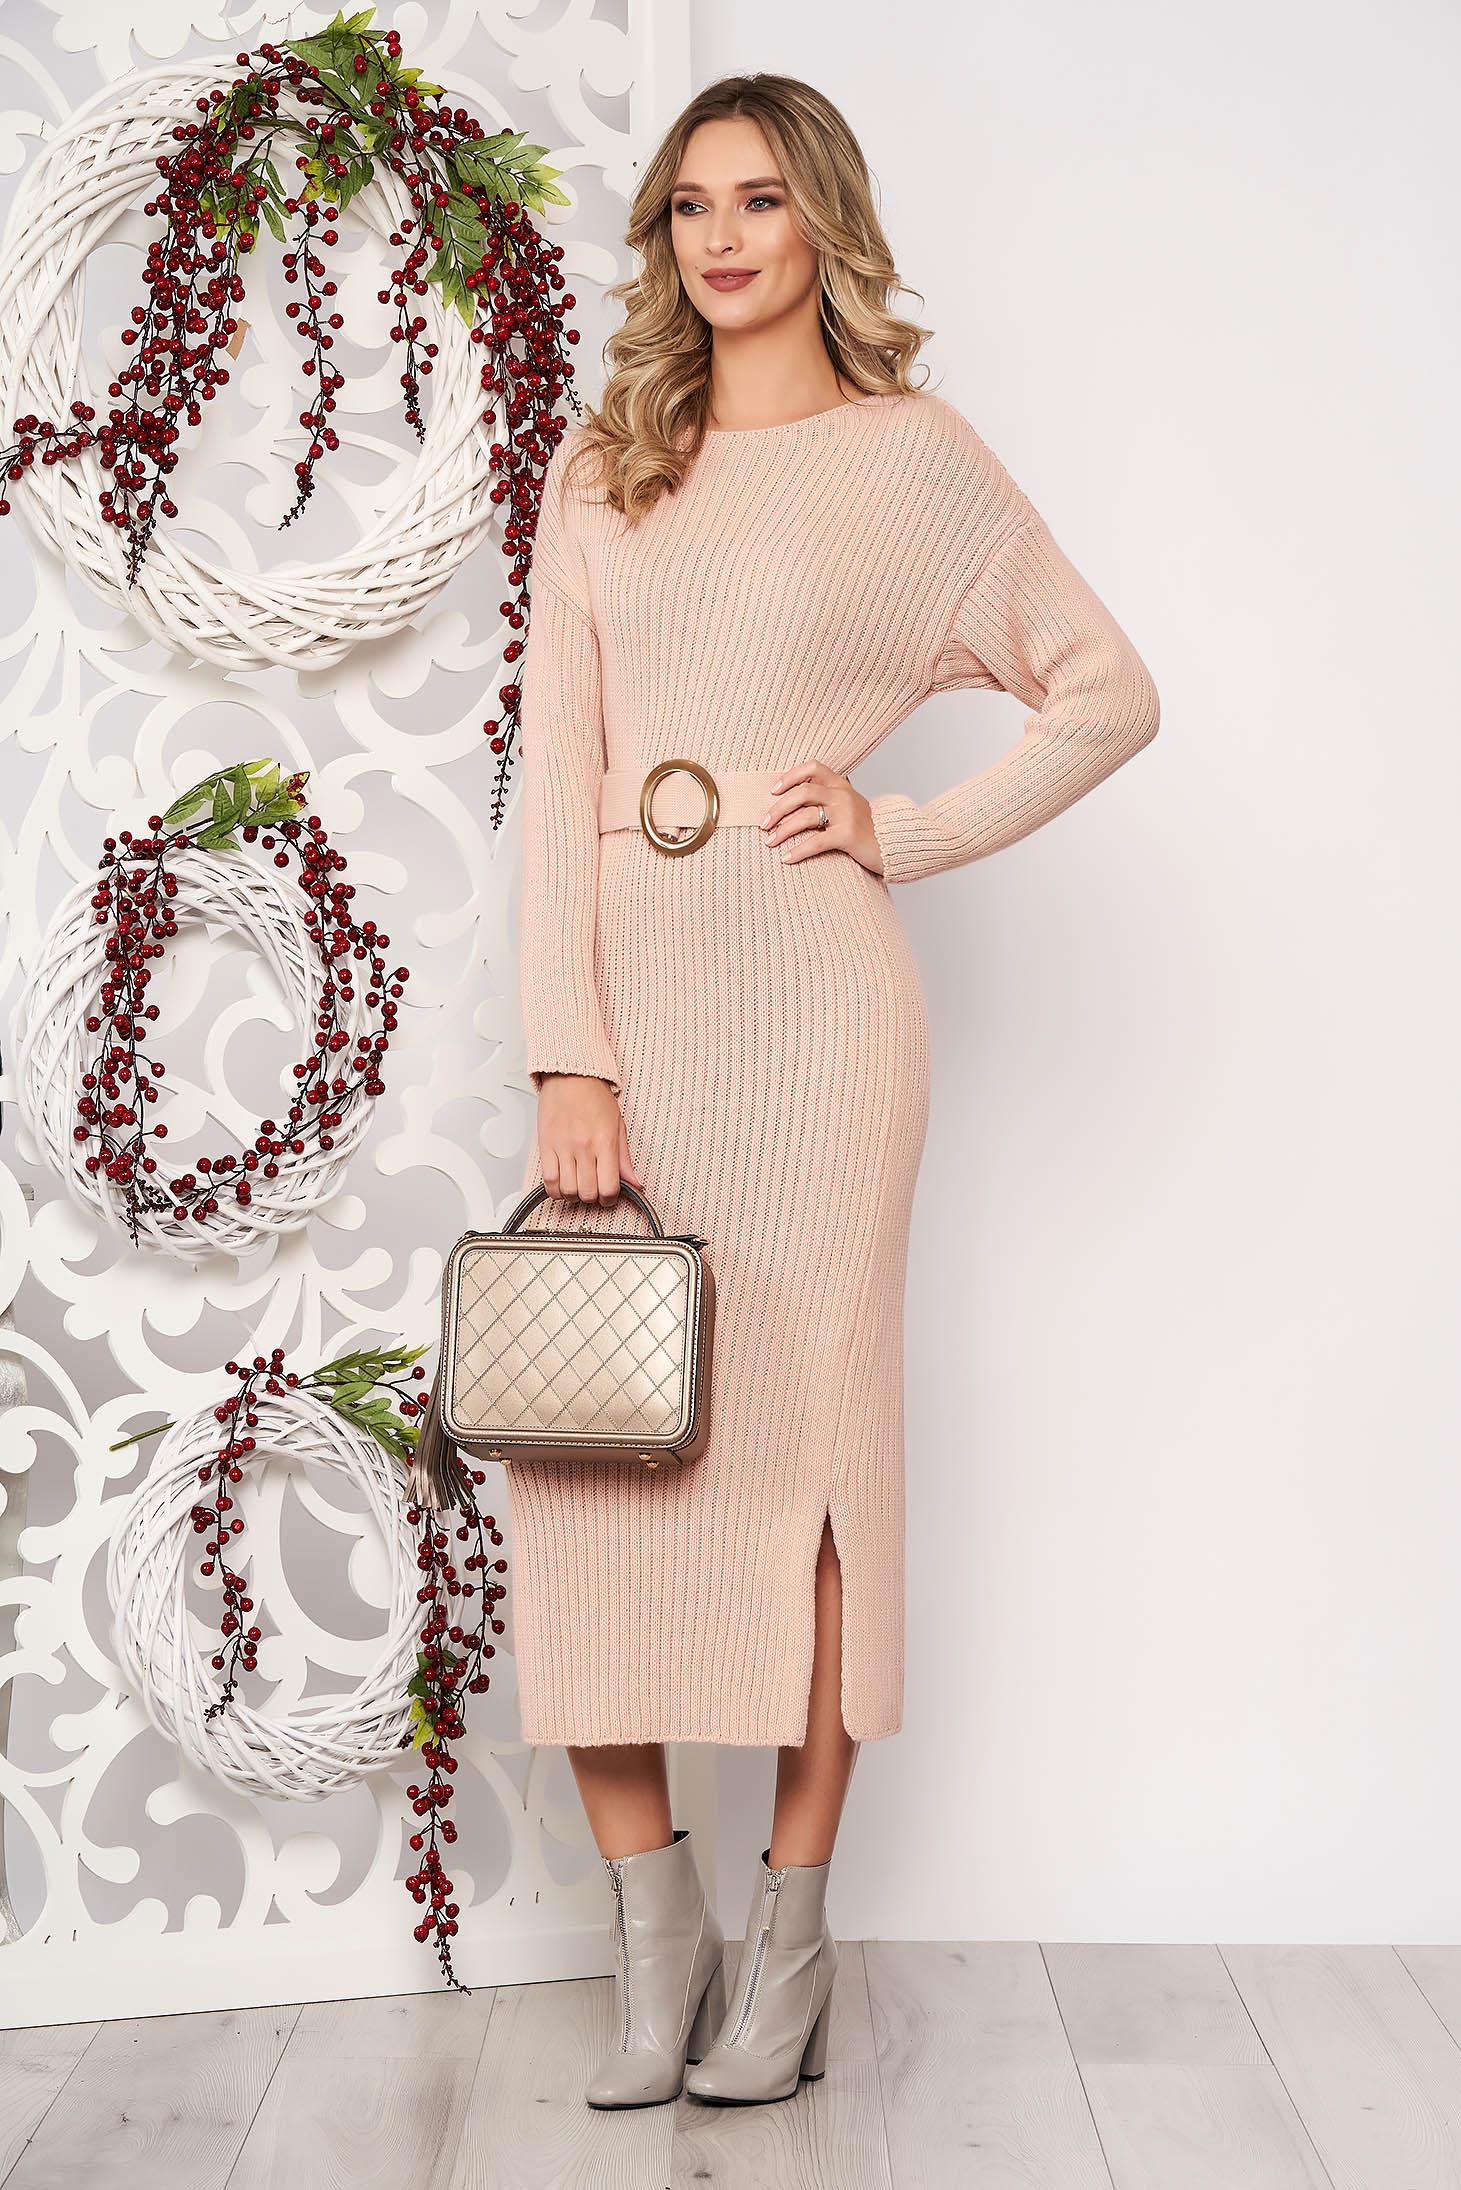 Rochie SunShine roz prafuit din material tricotat accesorizata cu cordon cu maneci lungi accesorizata cu o catarama